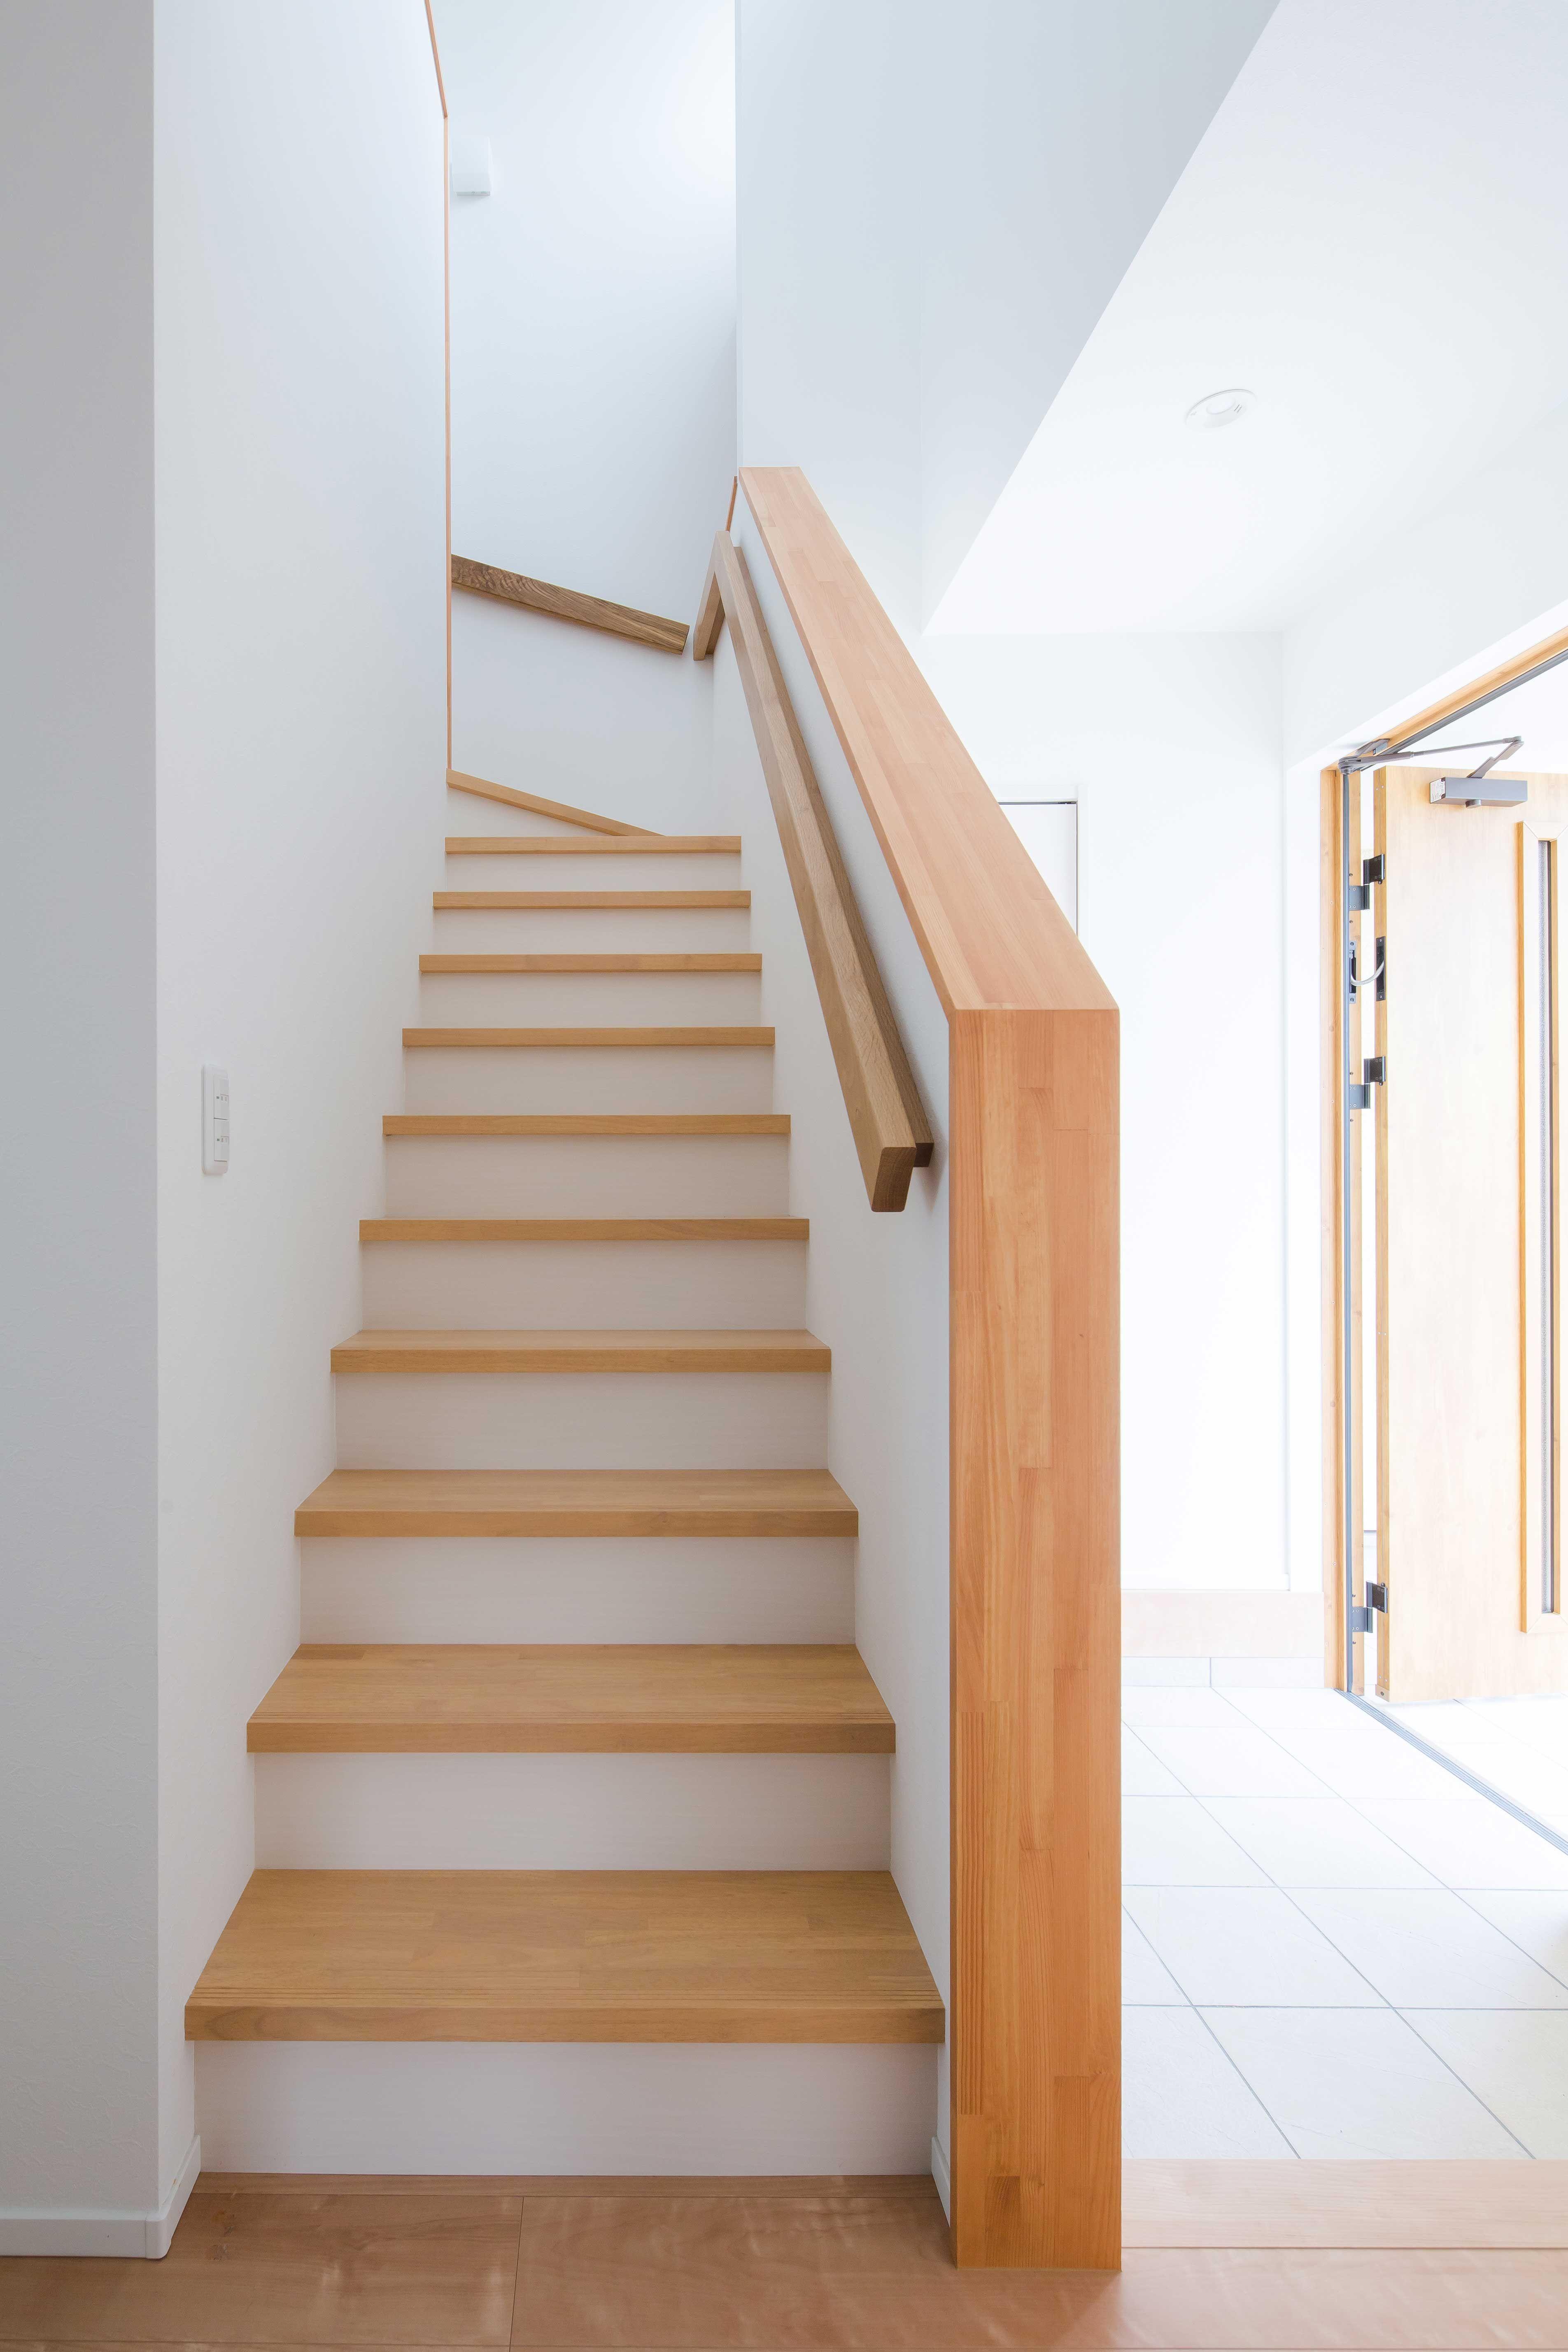 ナチュラルな木のぬくもりが伝わる階段 ルポハウス 設計事務所 工務